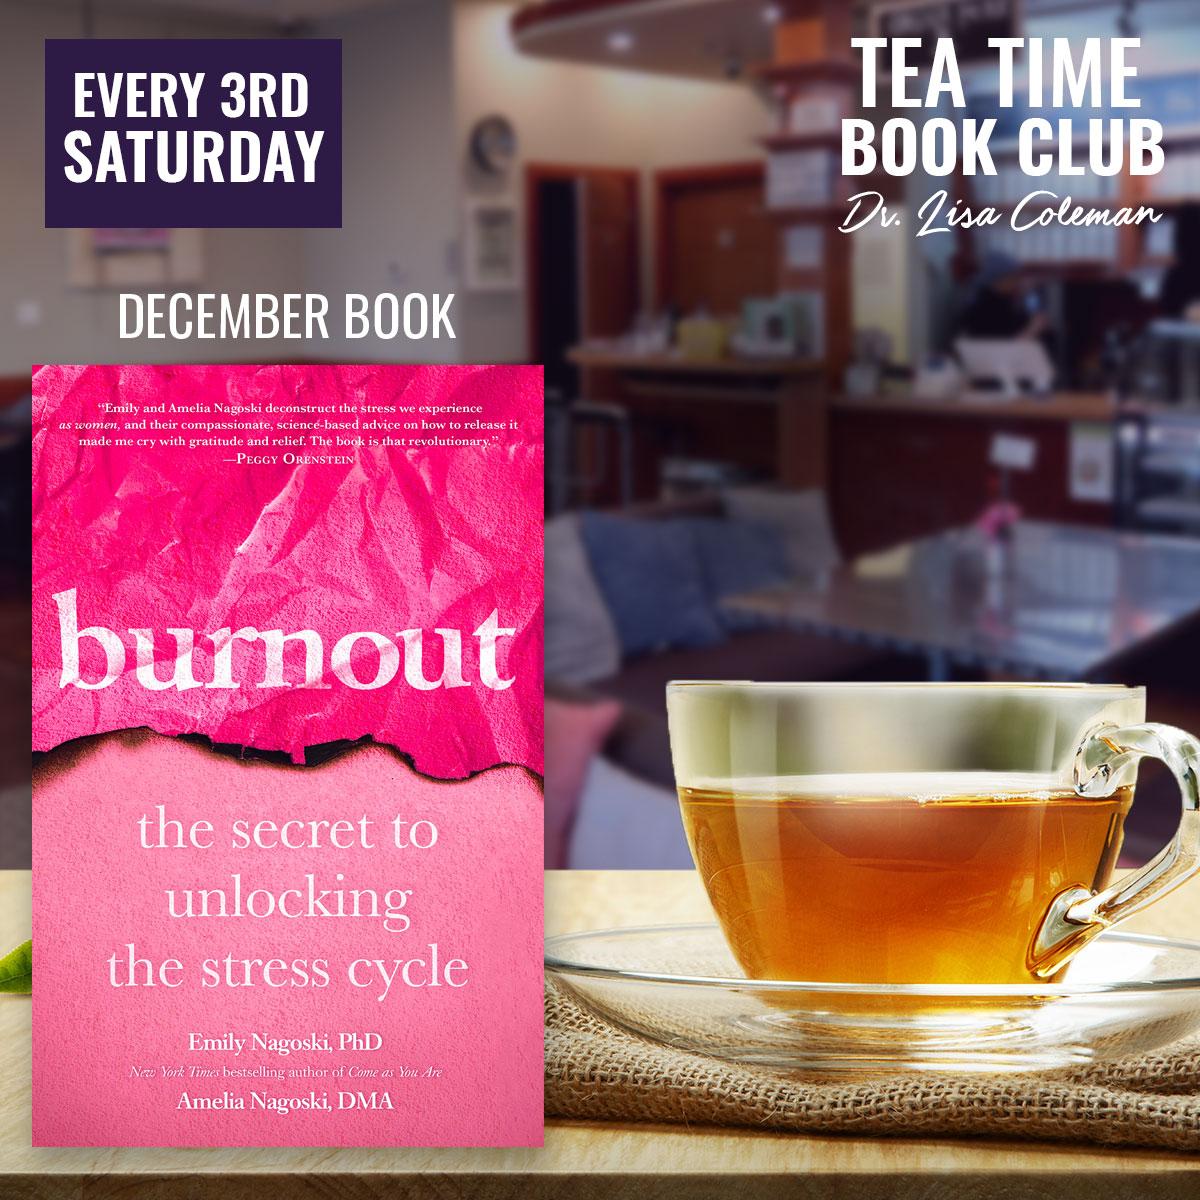 Tea's Me Book Club